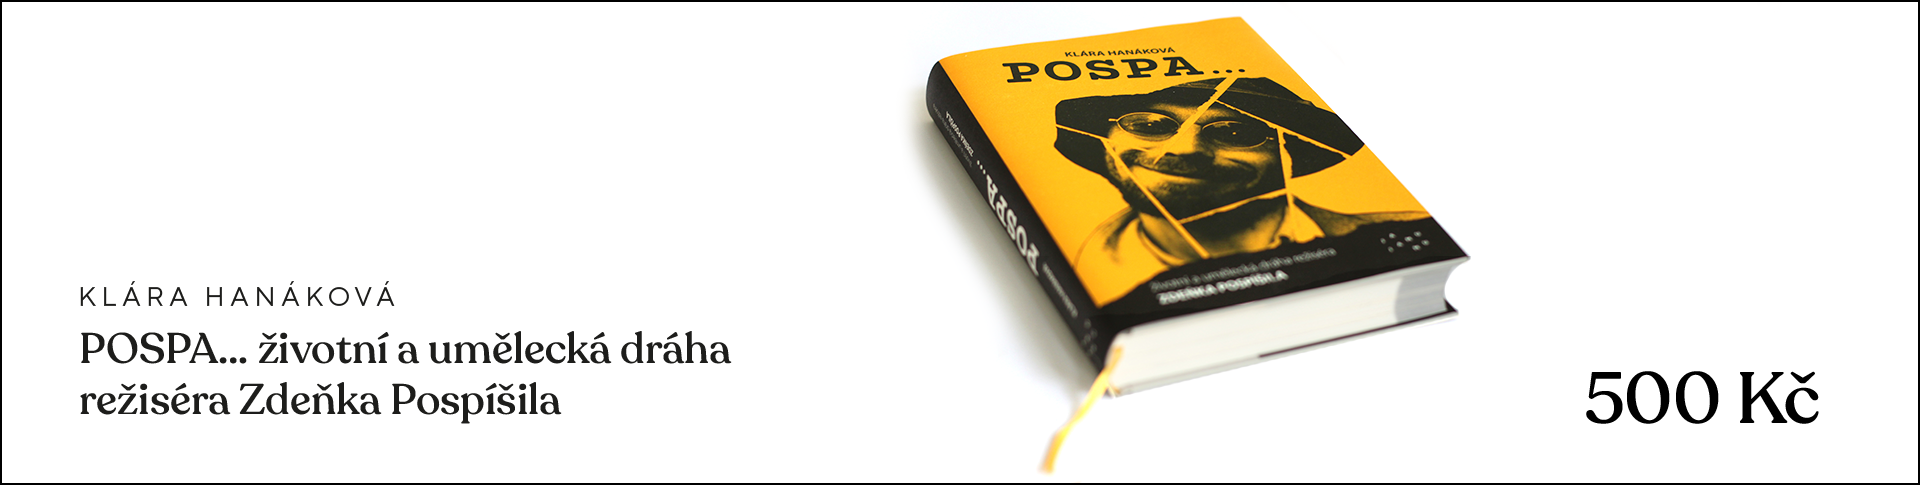 Pospa